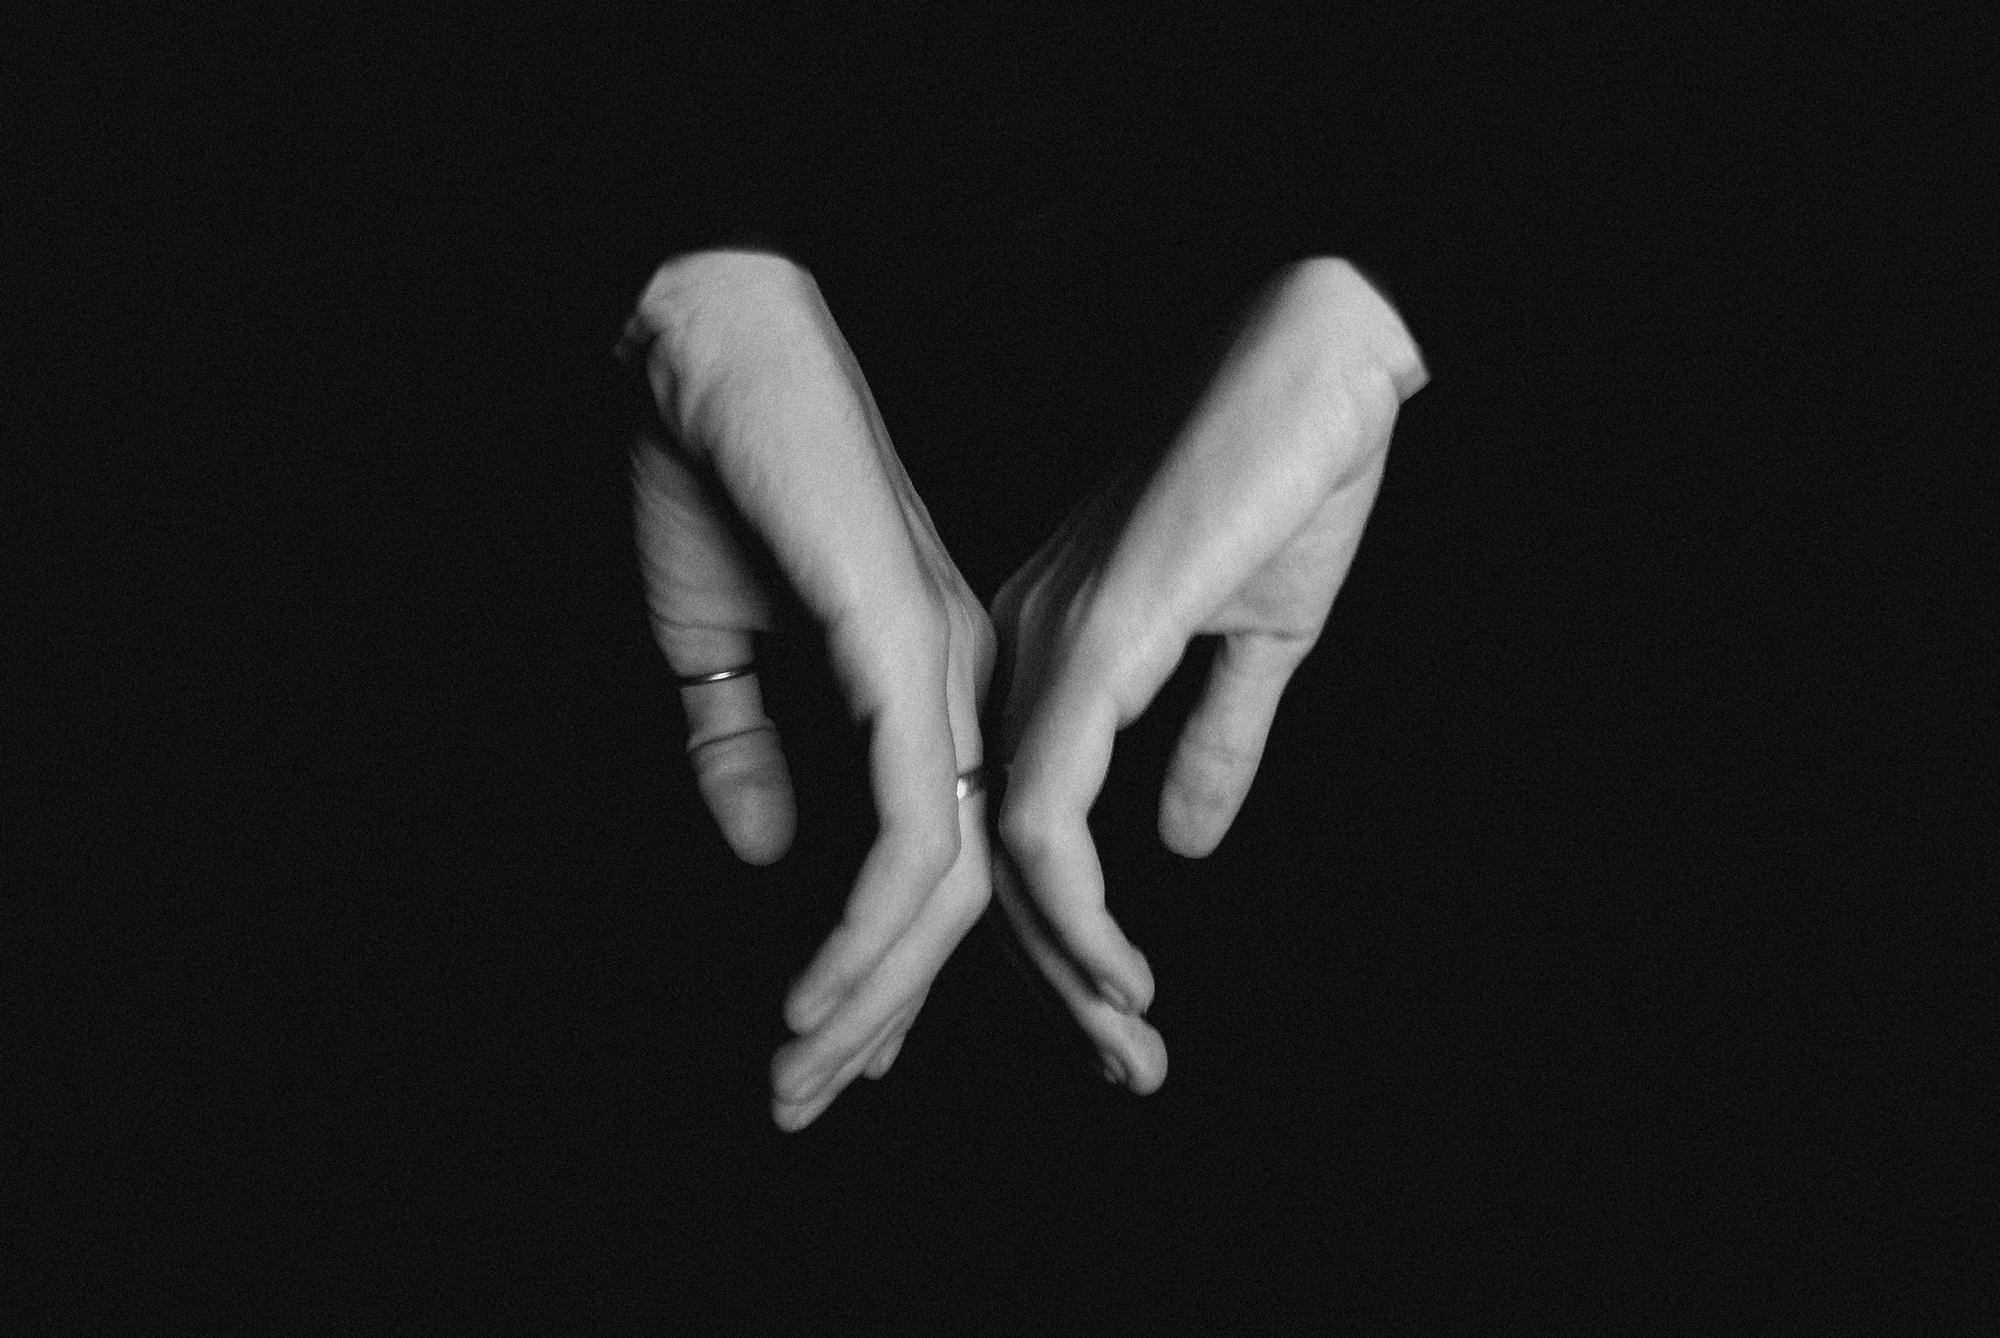 Черно-белые картинки рук